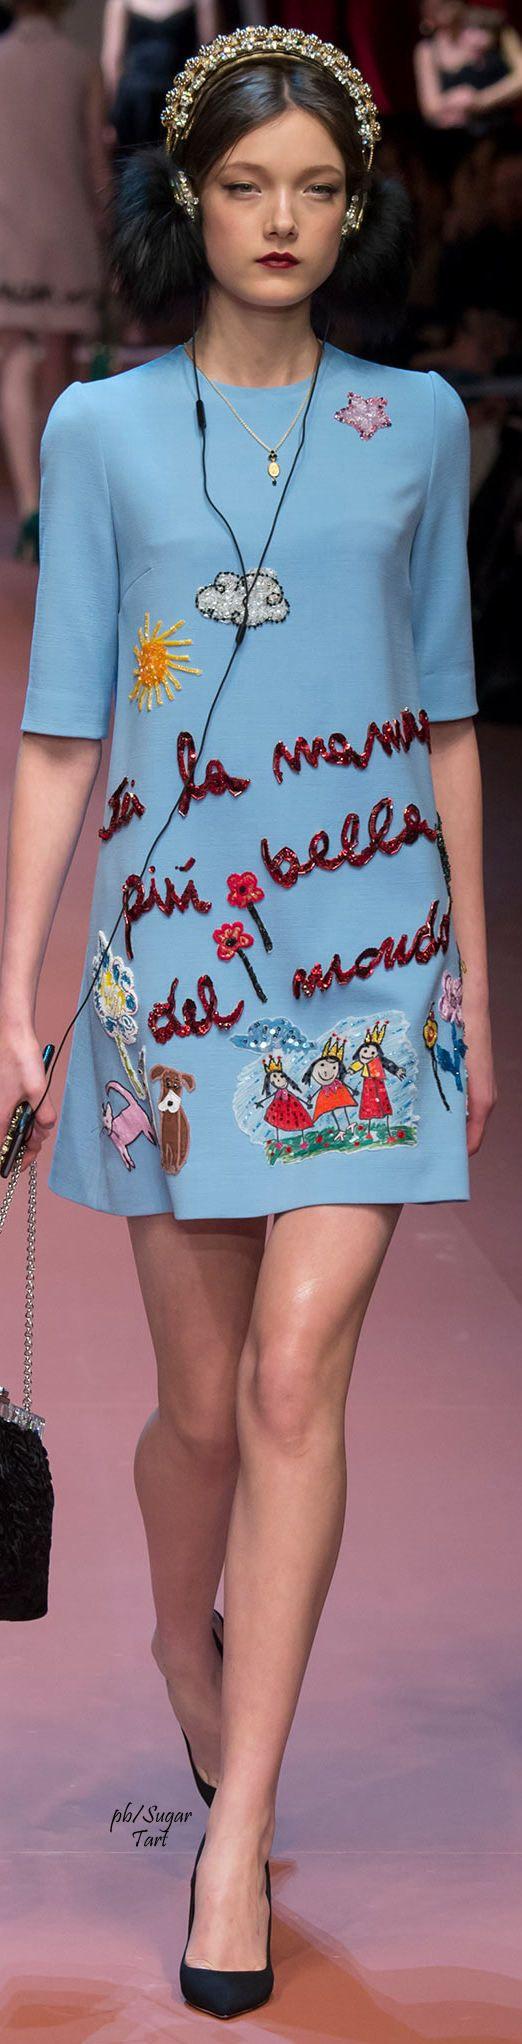 Dolce & Gabbana Fall 2015